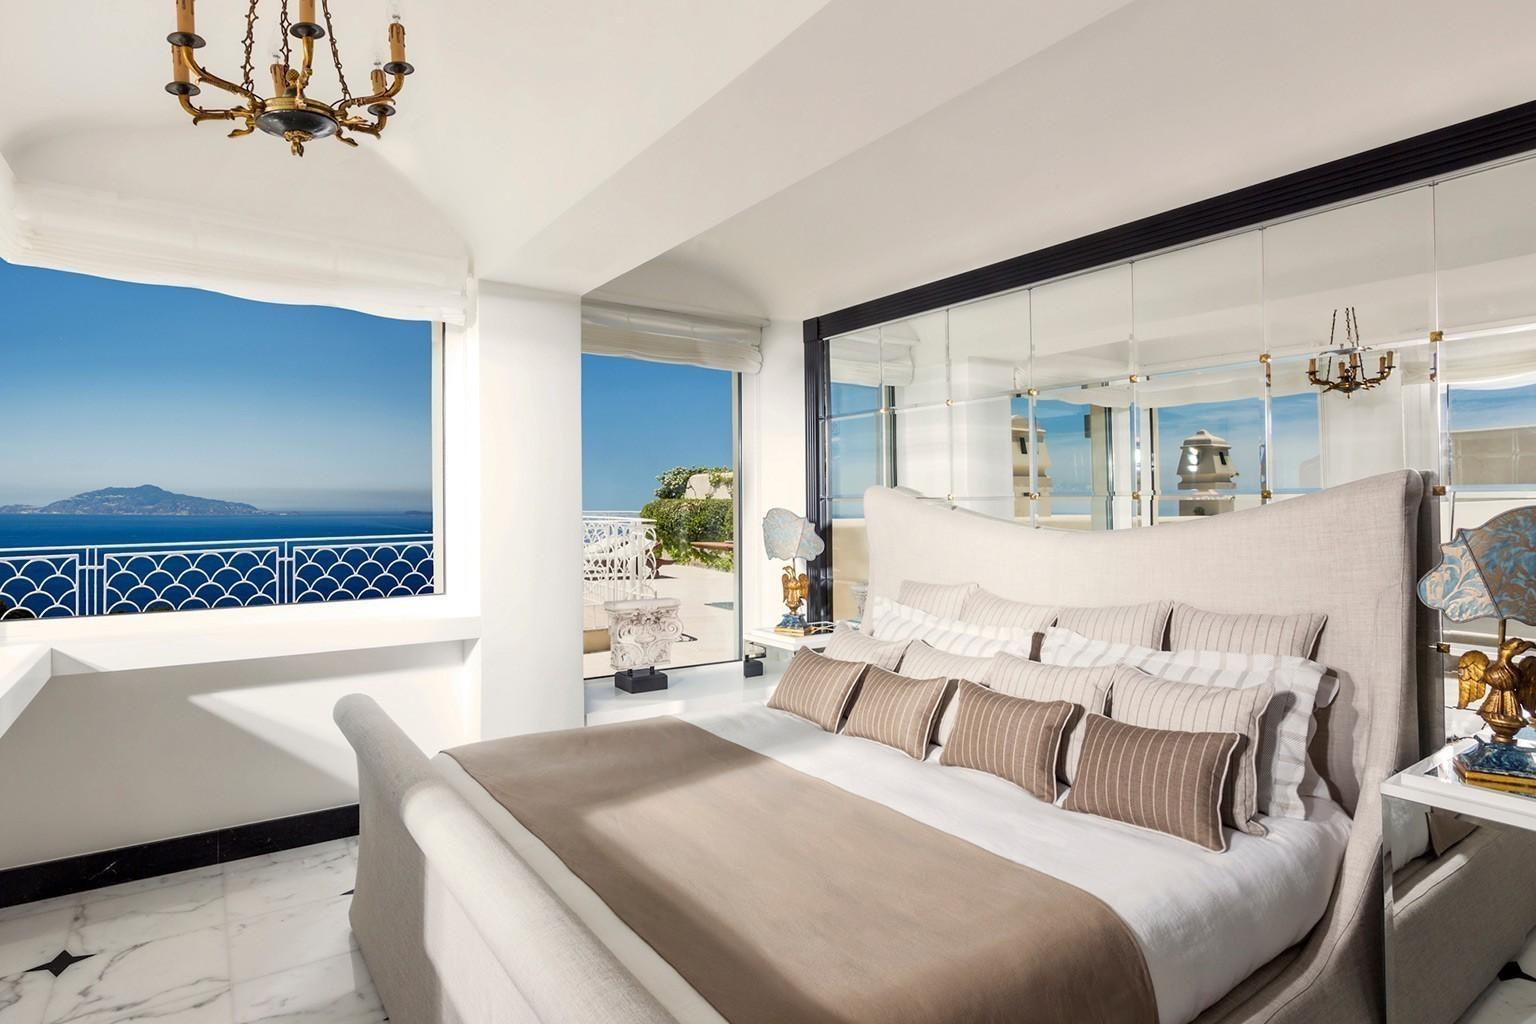 Capri Palace Hotel & Spa | DESIGNREISEN